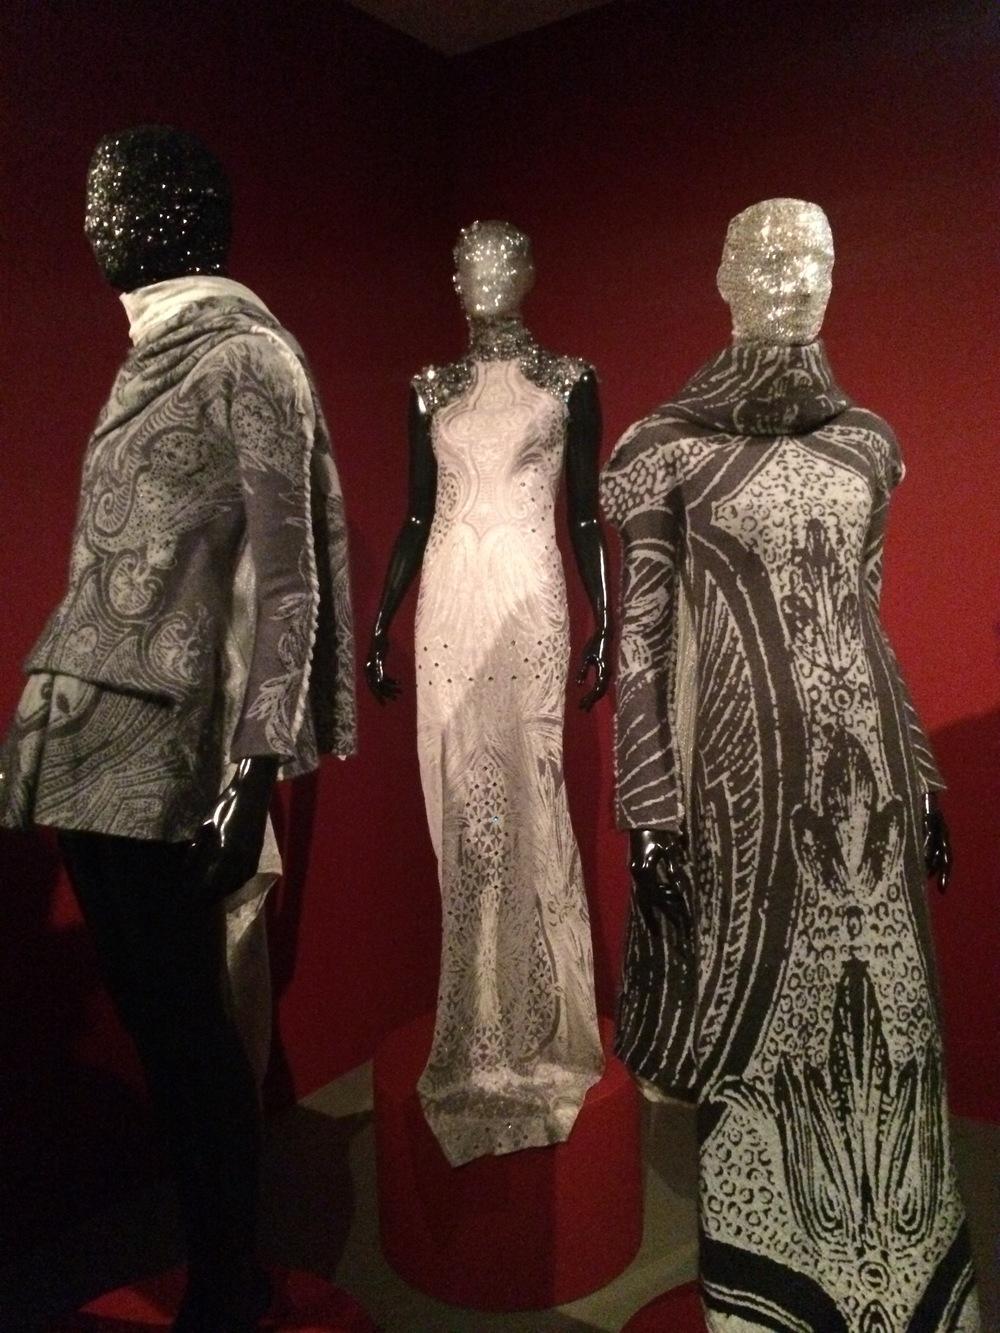 Eerst vraag je je af wat deze jurken in de tentoonstelling doen....